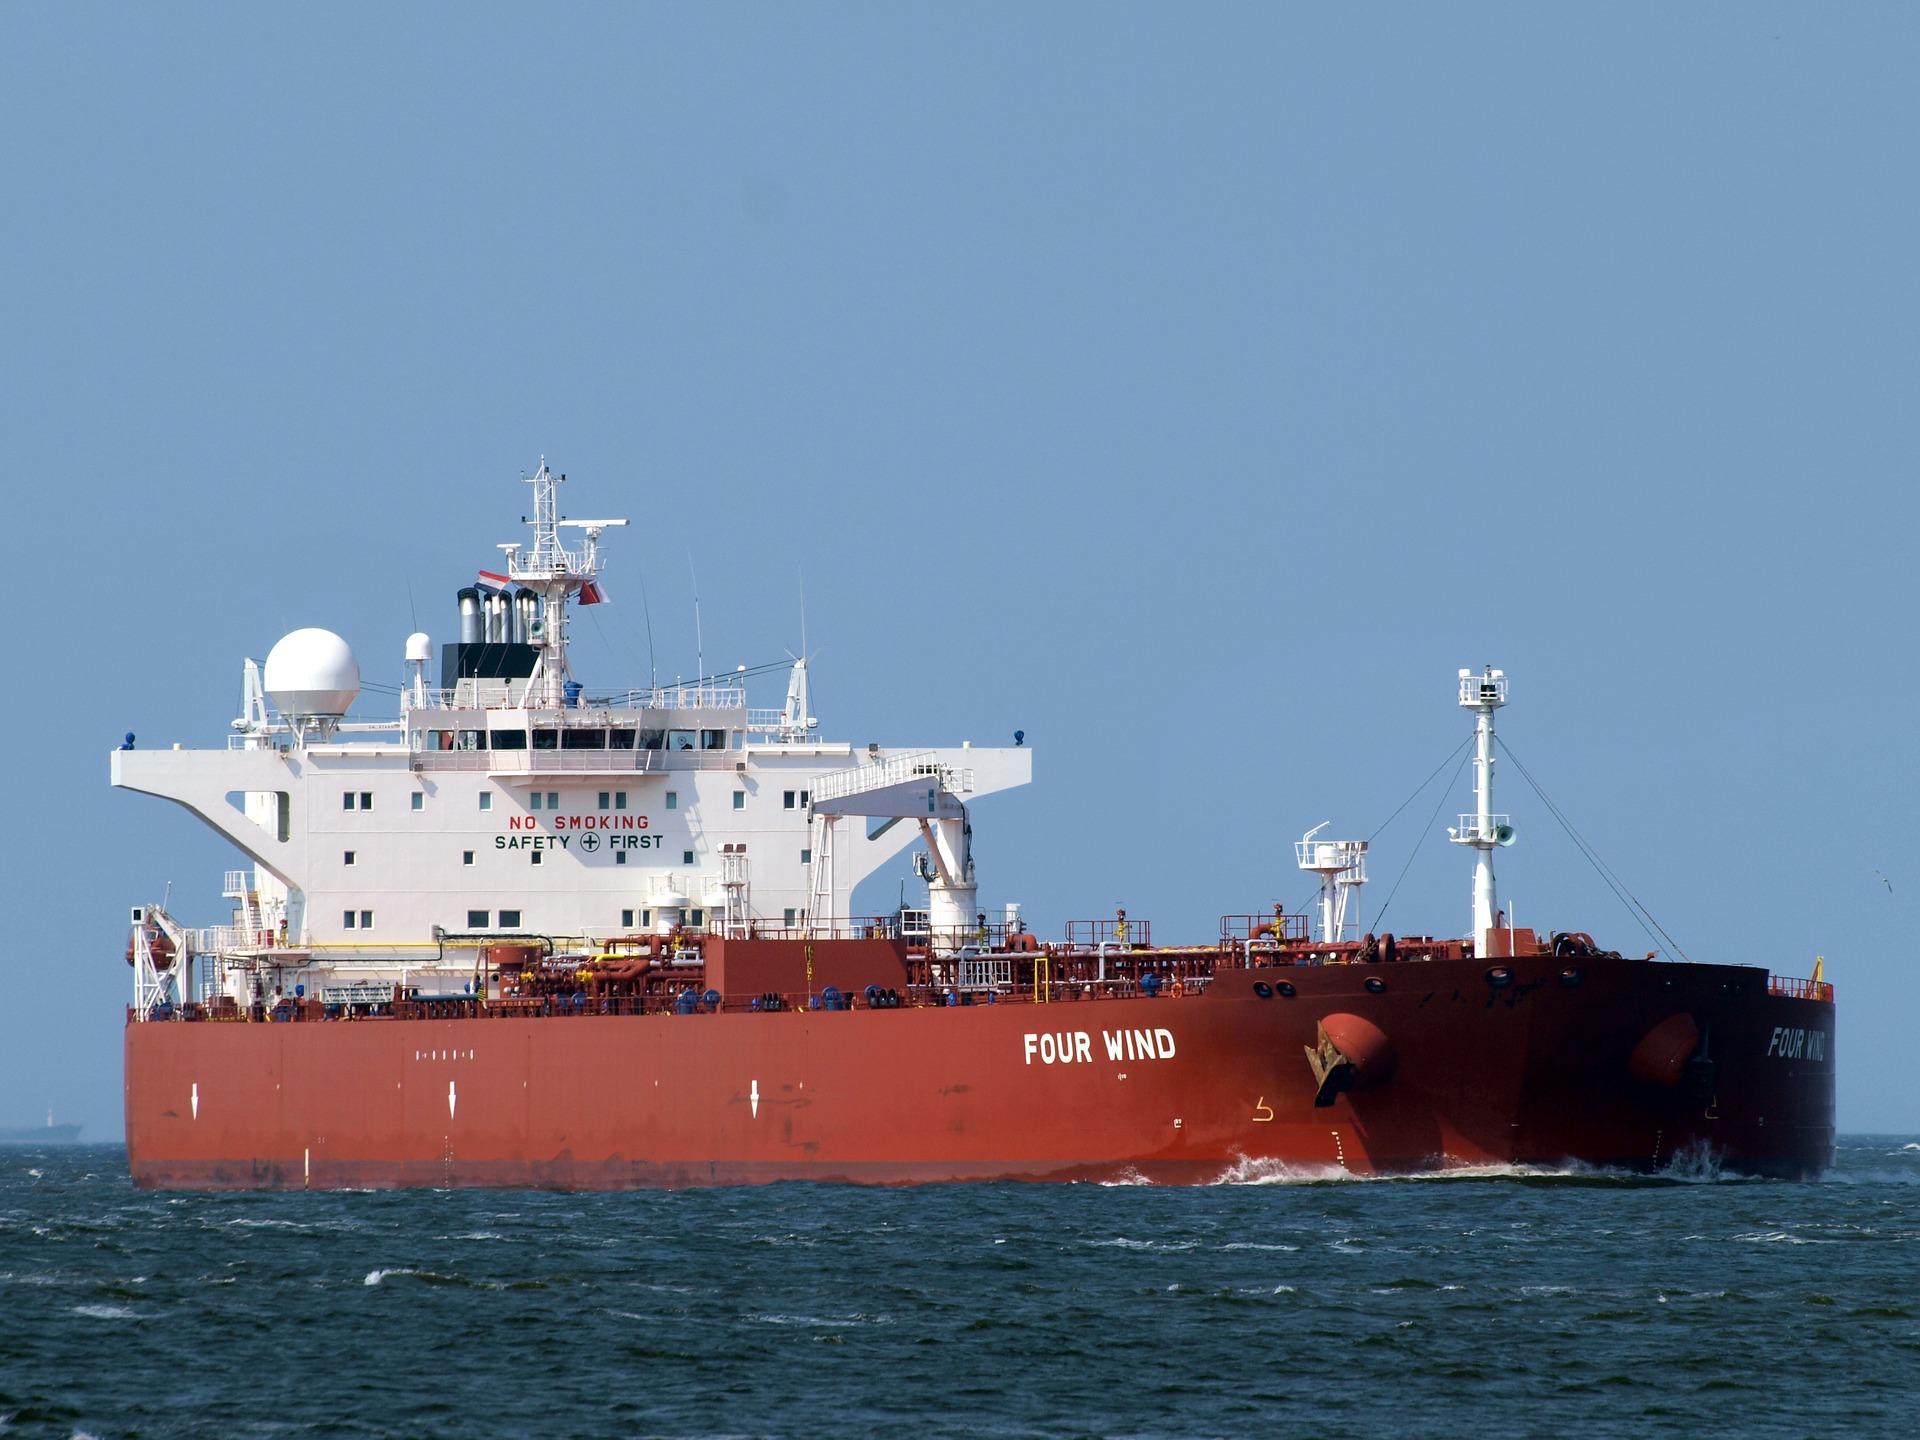 Экипаж судна в Керченском проливе эвакуируют из-за отравления, один человек скончался